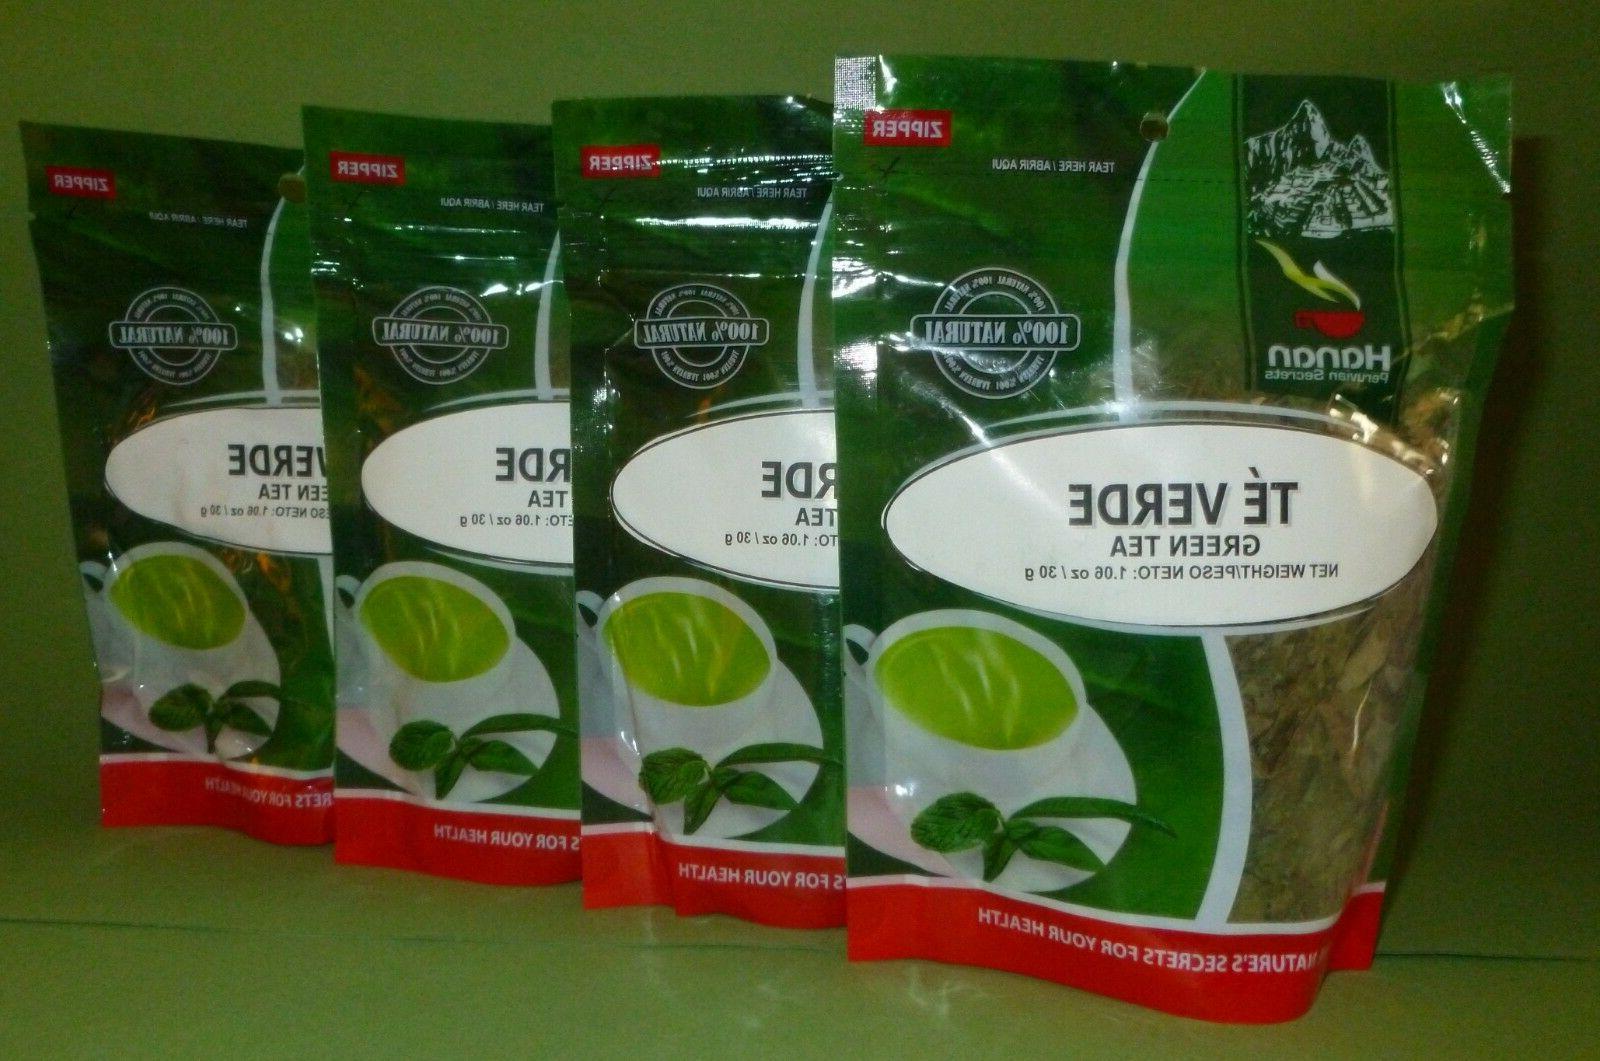 te verde hierba green tea herbs 4